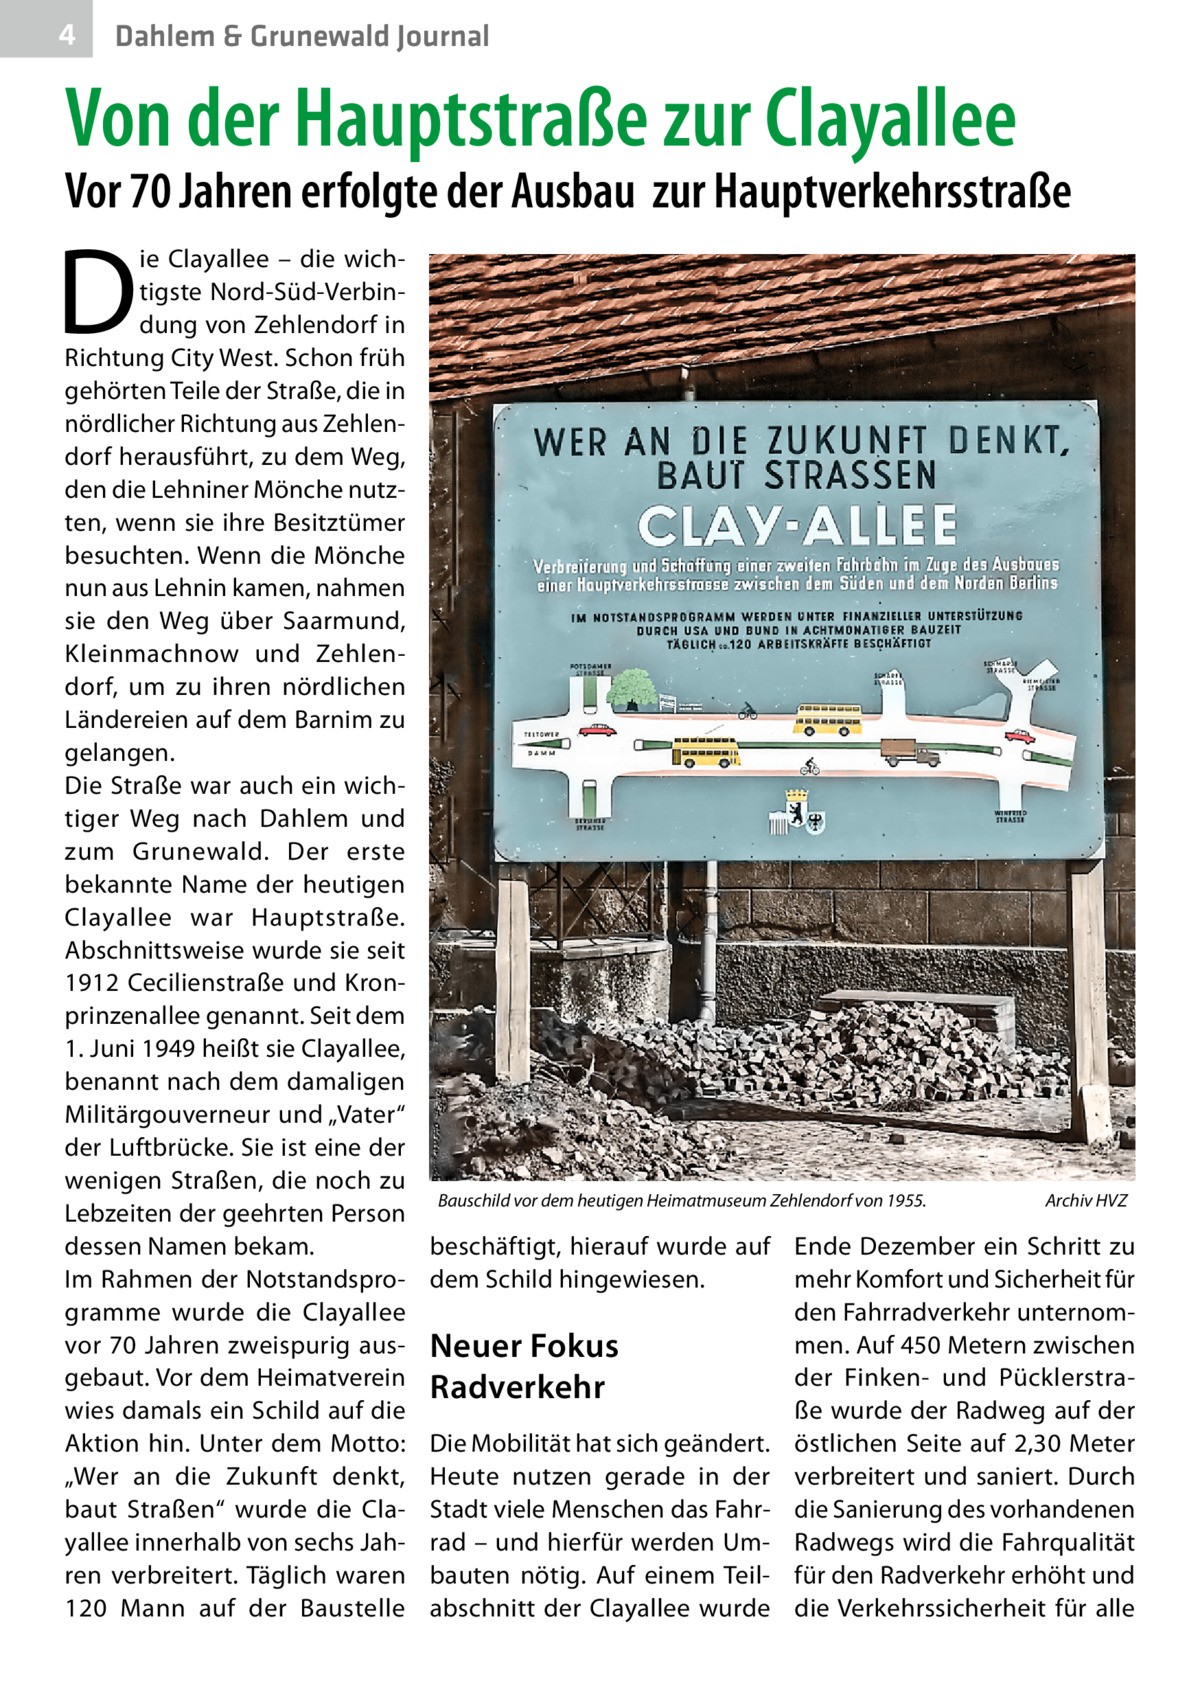 """4  Dahlem & Grunewald Journal  Von der Hauptstraße zur Clayallee  Vor 70Jahren erfolgte der Ausbau zur Hauptverkehrsstraße  D  ie Clayallee – die wichtigste Nord-Süd-Verbindung von Zehlendorf in Richtung City West. Schon früh gehörten Teile der Straße, die in nördlicher Richtung aus Zehlendorf herausführt, zu dem Weg, den die Lehniner Mönche nutzten, wenn sie ihre Besitztümer besuchten. Wenn die Mönche nun aus Lehnin kamen, nahmen sie den Weg über Saarmund, Kleinmachnow und Zehlendorf, um zu ihren nördlichen Ländereien auf dem Barnim zu gelangen. Die Straße war auch ein wichtiger Weg nach Dahlem und zum Grunewald. Der erste bekannte Name der heutigen Clayallee war Hauptstraße. Abschnittsweise wurde sie seit 1912 Cecilienstraße und Kronprinzenallee genannt. Seit dem 1.Juni 1949 heißt sie Clayallee, benannt nach dem damaligen Militärgouverneur und """"Vater"""" der Luftbrücke. Sie ist eine der wenigen Straßen, die noch zu Lebzeiten der geehrten Person dessen Namen bekam. Im Rahmen der Notstandsprogramme wurde die Clayallee vor 70Jahren zweispurig ausgebaut. Vor dem Heimatverein wies damals ein Schild auf die Aktion hin. Unter dem Motto: """"Wer an die Zukunft denkt, baut Straßen"""" wurde die Clayallee innerhalb von sechs Jahren verbreitert. Täglich waren 120 Mann auf der Baustelle  Bauschild vor dem heutigen Heimatmuseum Zehlendorf von 1955.�  Archiv HVZ  beschäftigt, hierauf wurde auf Ende Dezember ein Schritt zu dem Schild hingewiesen. mehr Komfort und Sicherheit für den Fahrradverkehr unternommen. Auf 450Metern zwischen Neuer Fokus der Finken- und PücklerstraRadverkehr ße wurde der Radweg auf der Die Mobilität hat sich geändert. östlichen Seite auf 2,30Meter Heute nutzen gerade in der verbreitert und saniert. Durch Stadt viele Menschen das Fahr- die Sanierung des vorhandenen rad – und hierfür werden Um- Radwegs wird die Fahrqualität bauten nötig. Auf einem Teil- für den Radverkehr erhöht und abschnitt der Clayallee wurde die Verkehrssicherheit für alle"""